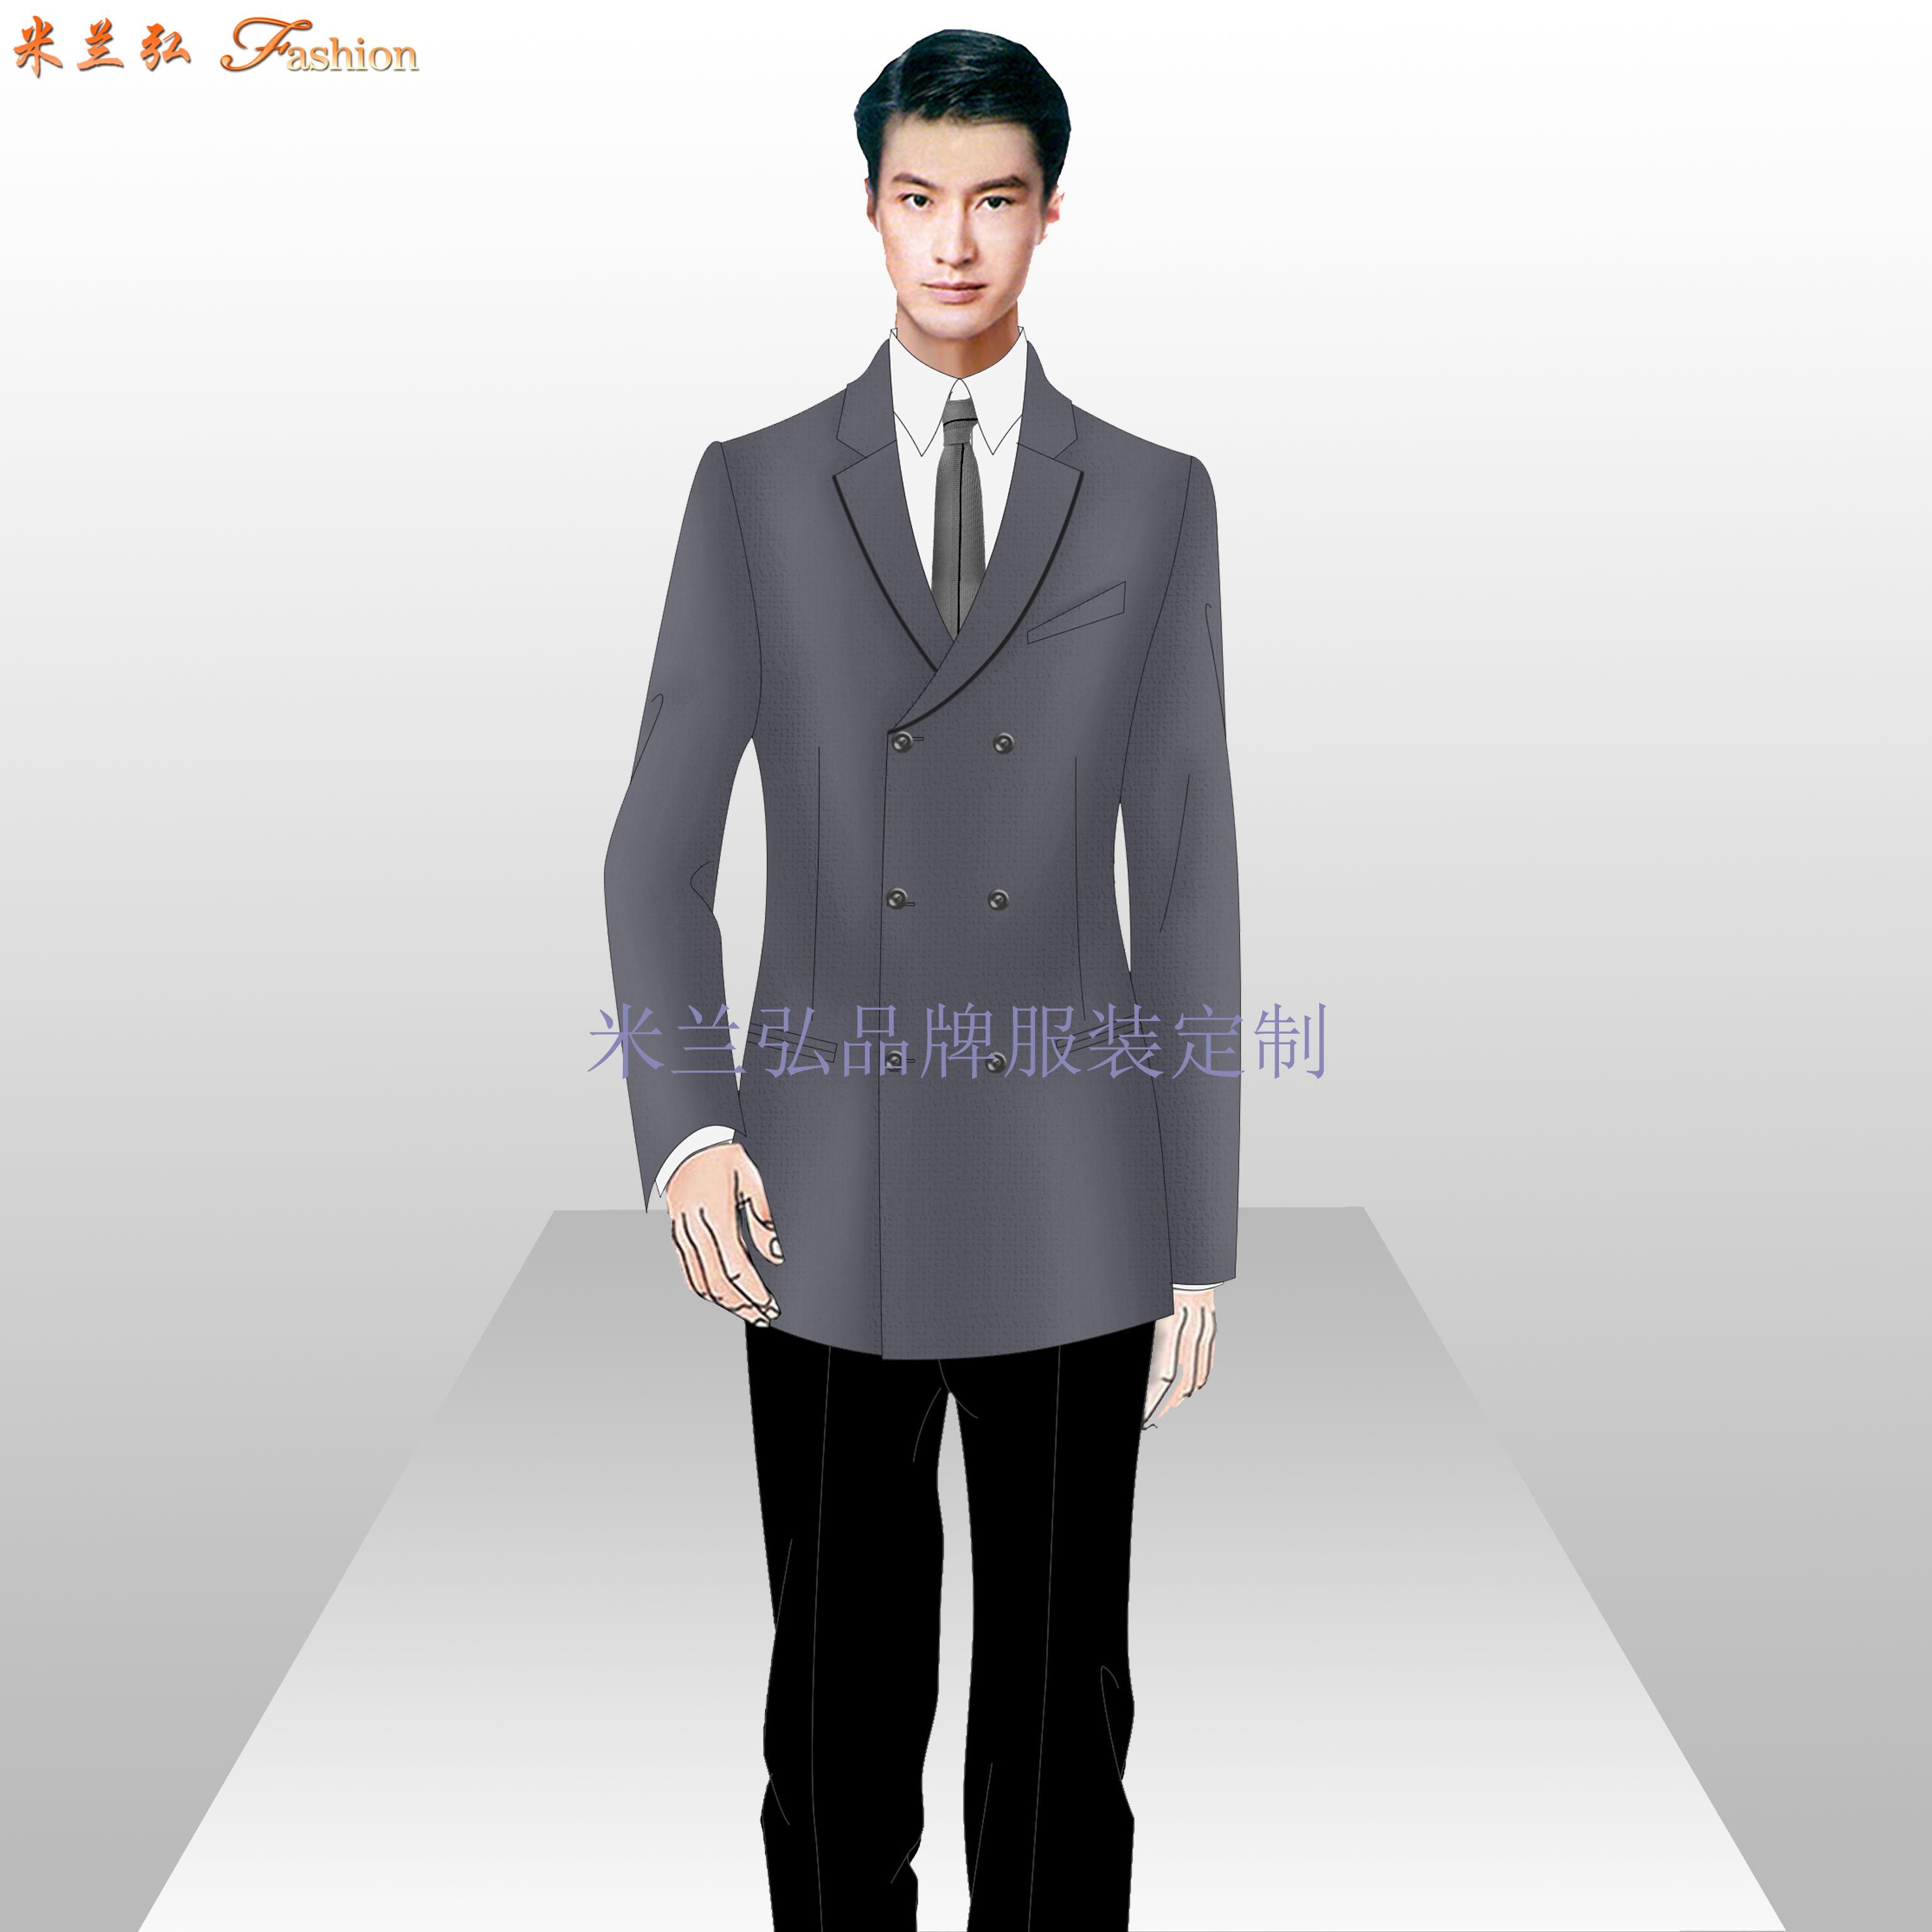 江西职业装定制-品牌职业装订做厂家-米兰弘服装-2